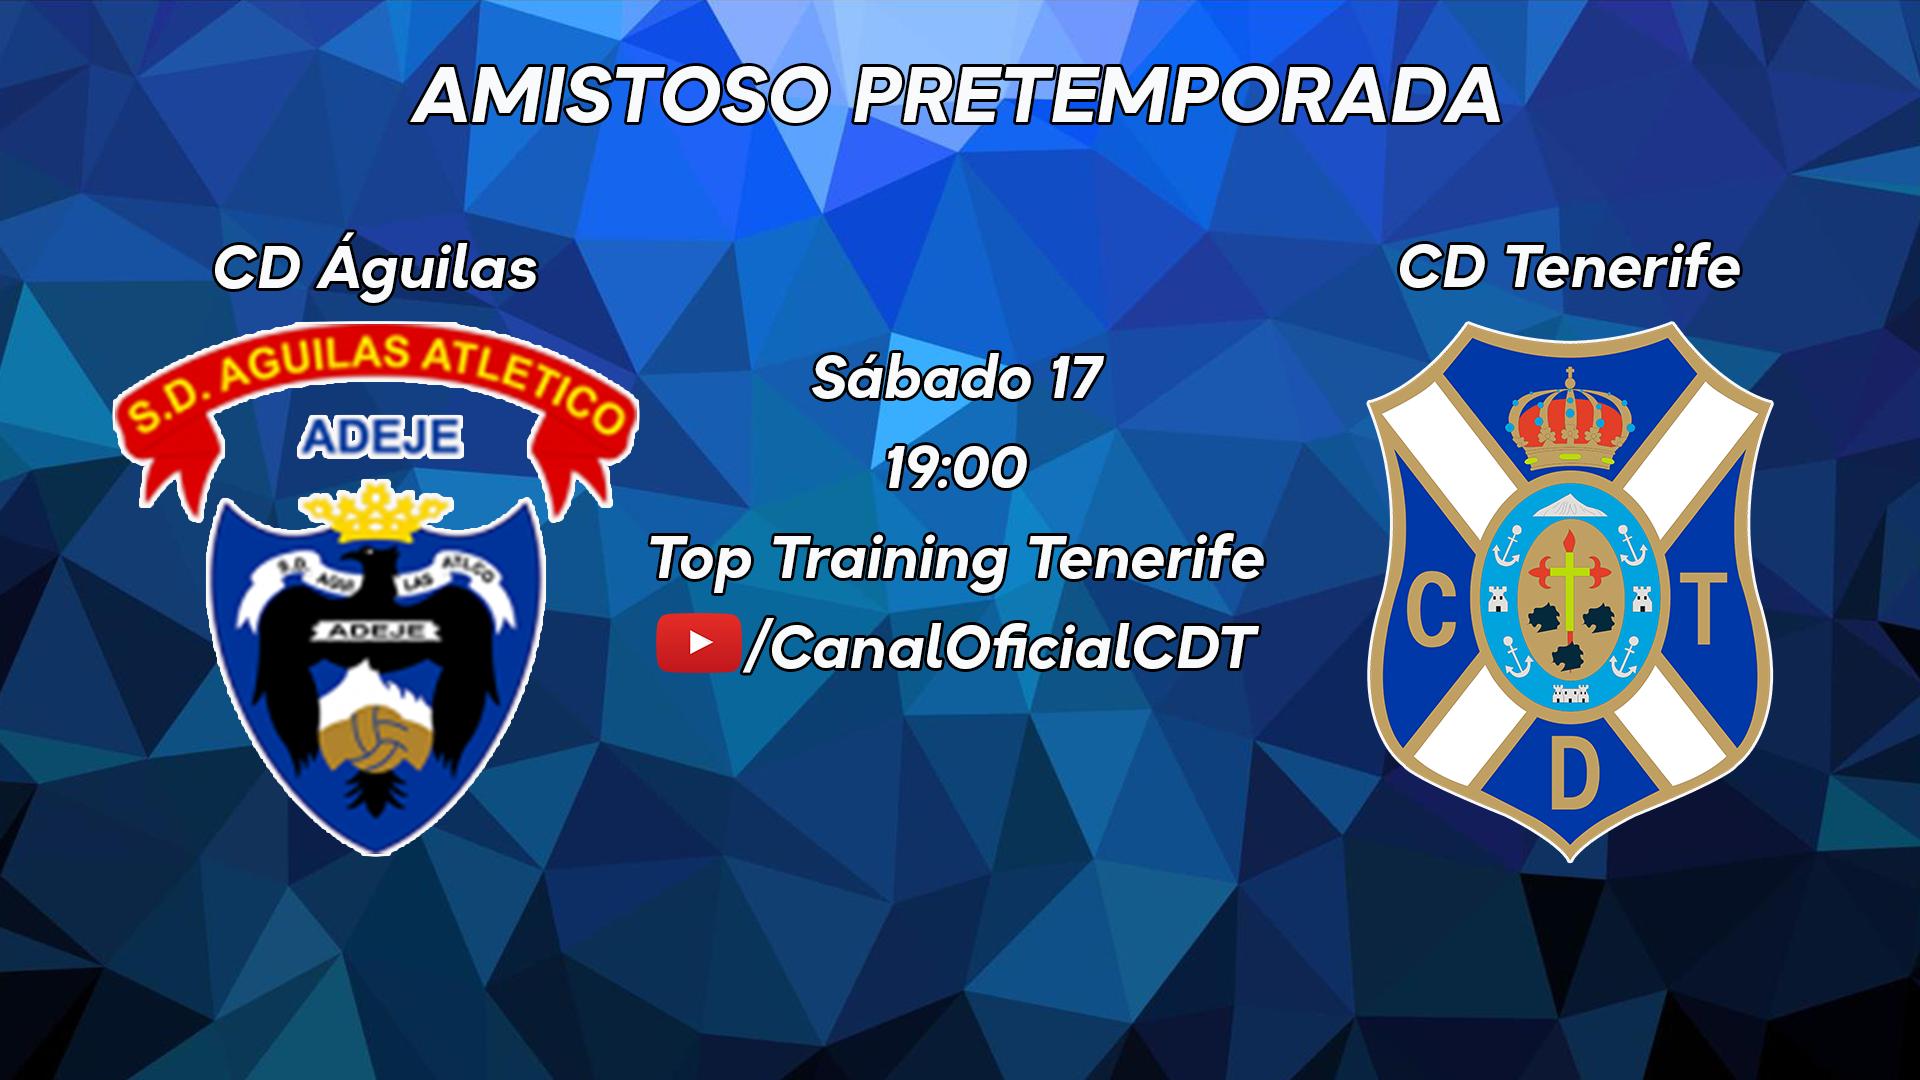 El CD Tenerife arranca la pretemporada visitando al CD Águilas